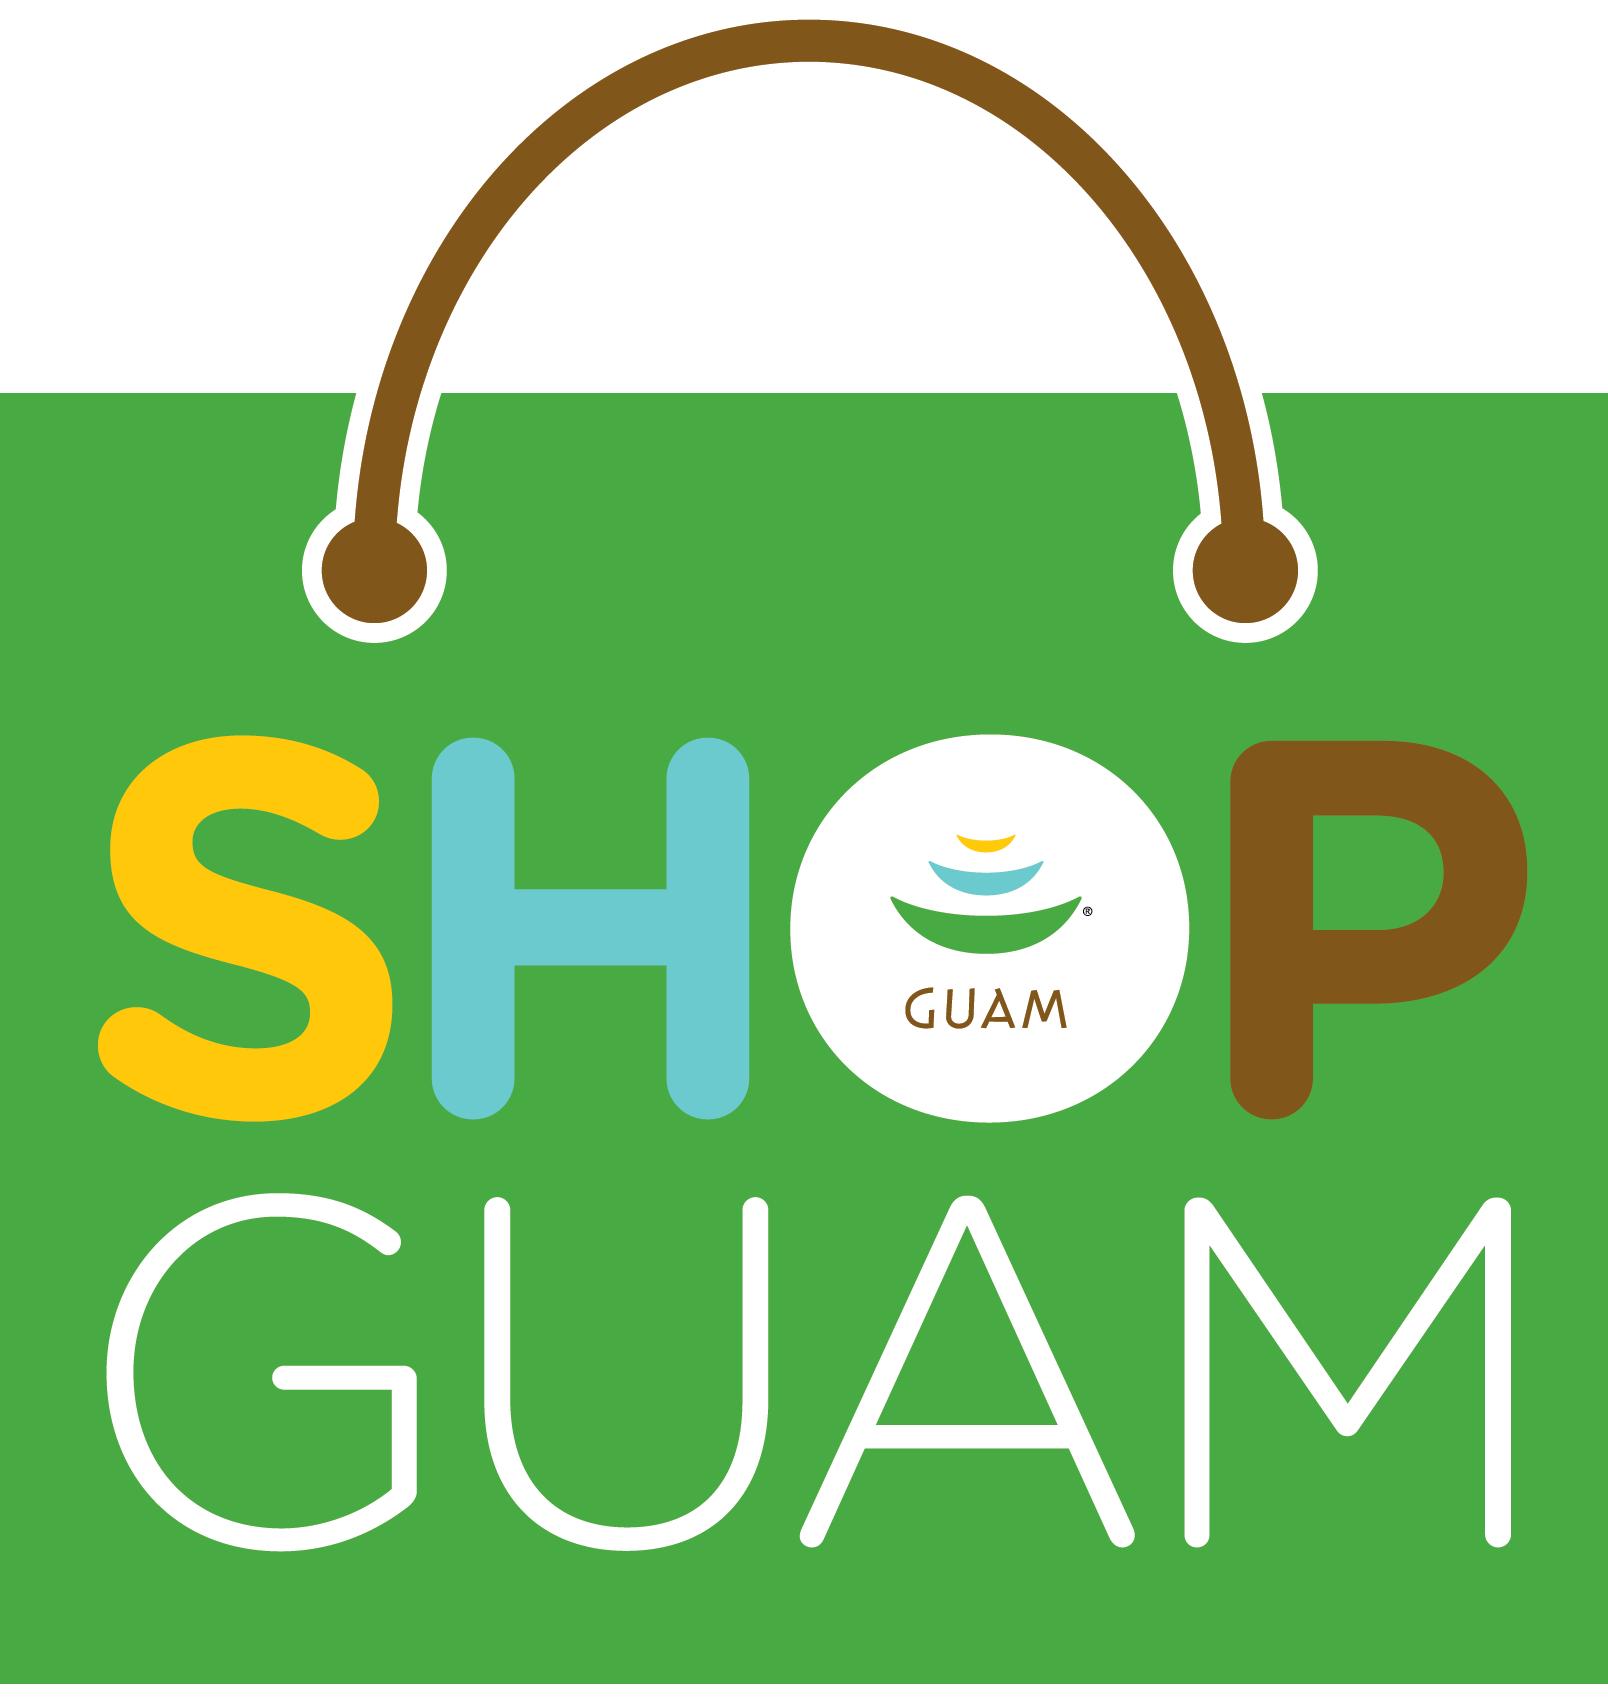 Shop guam